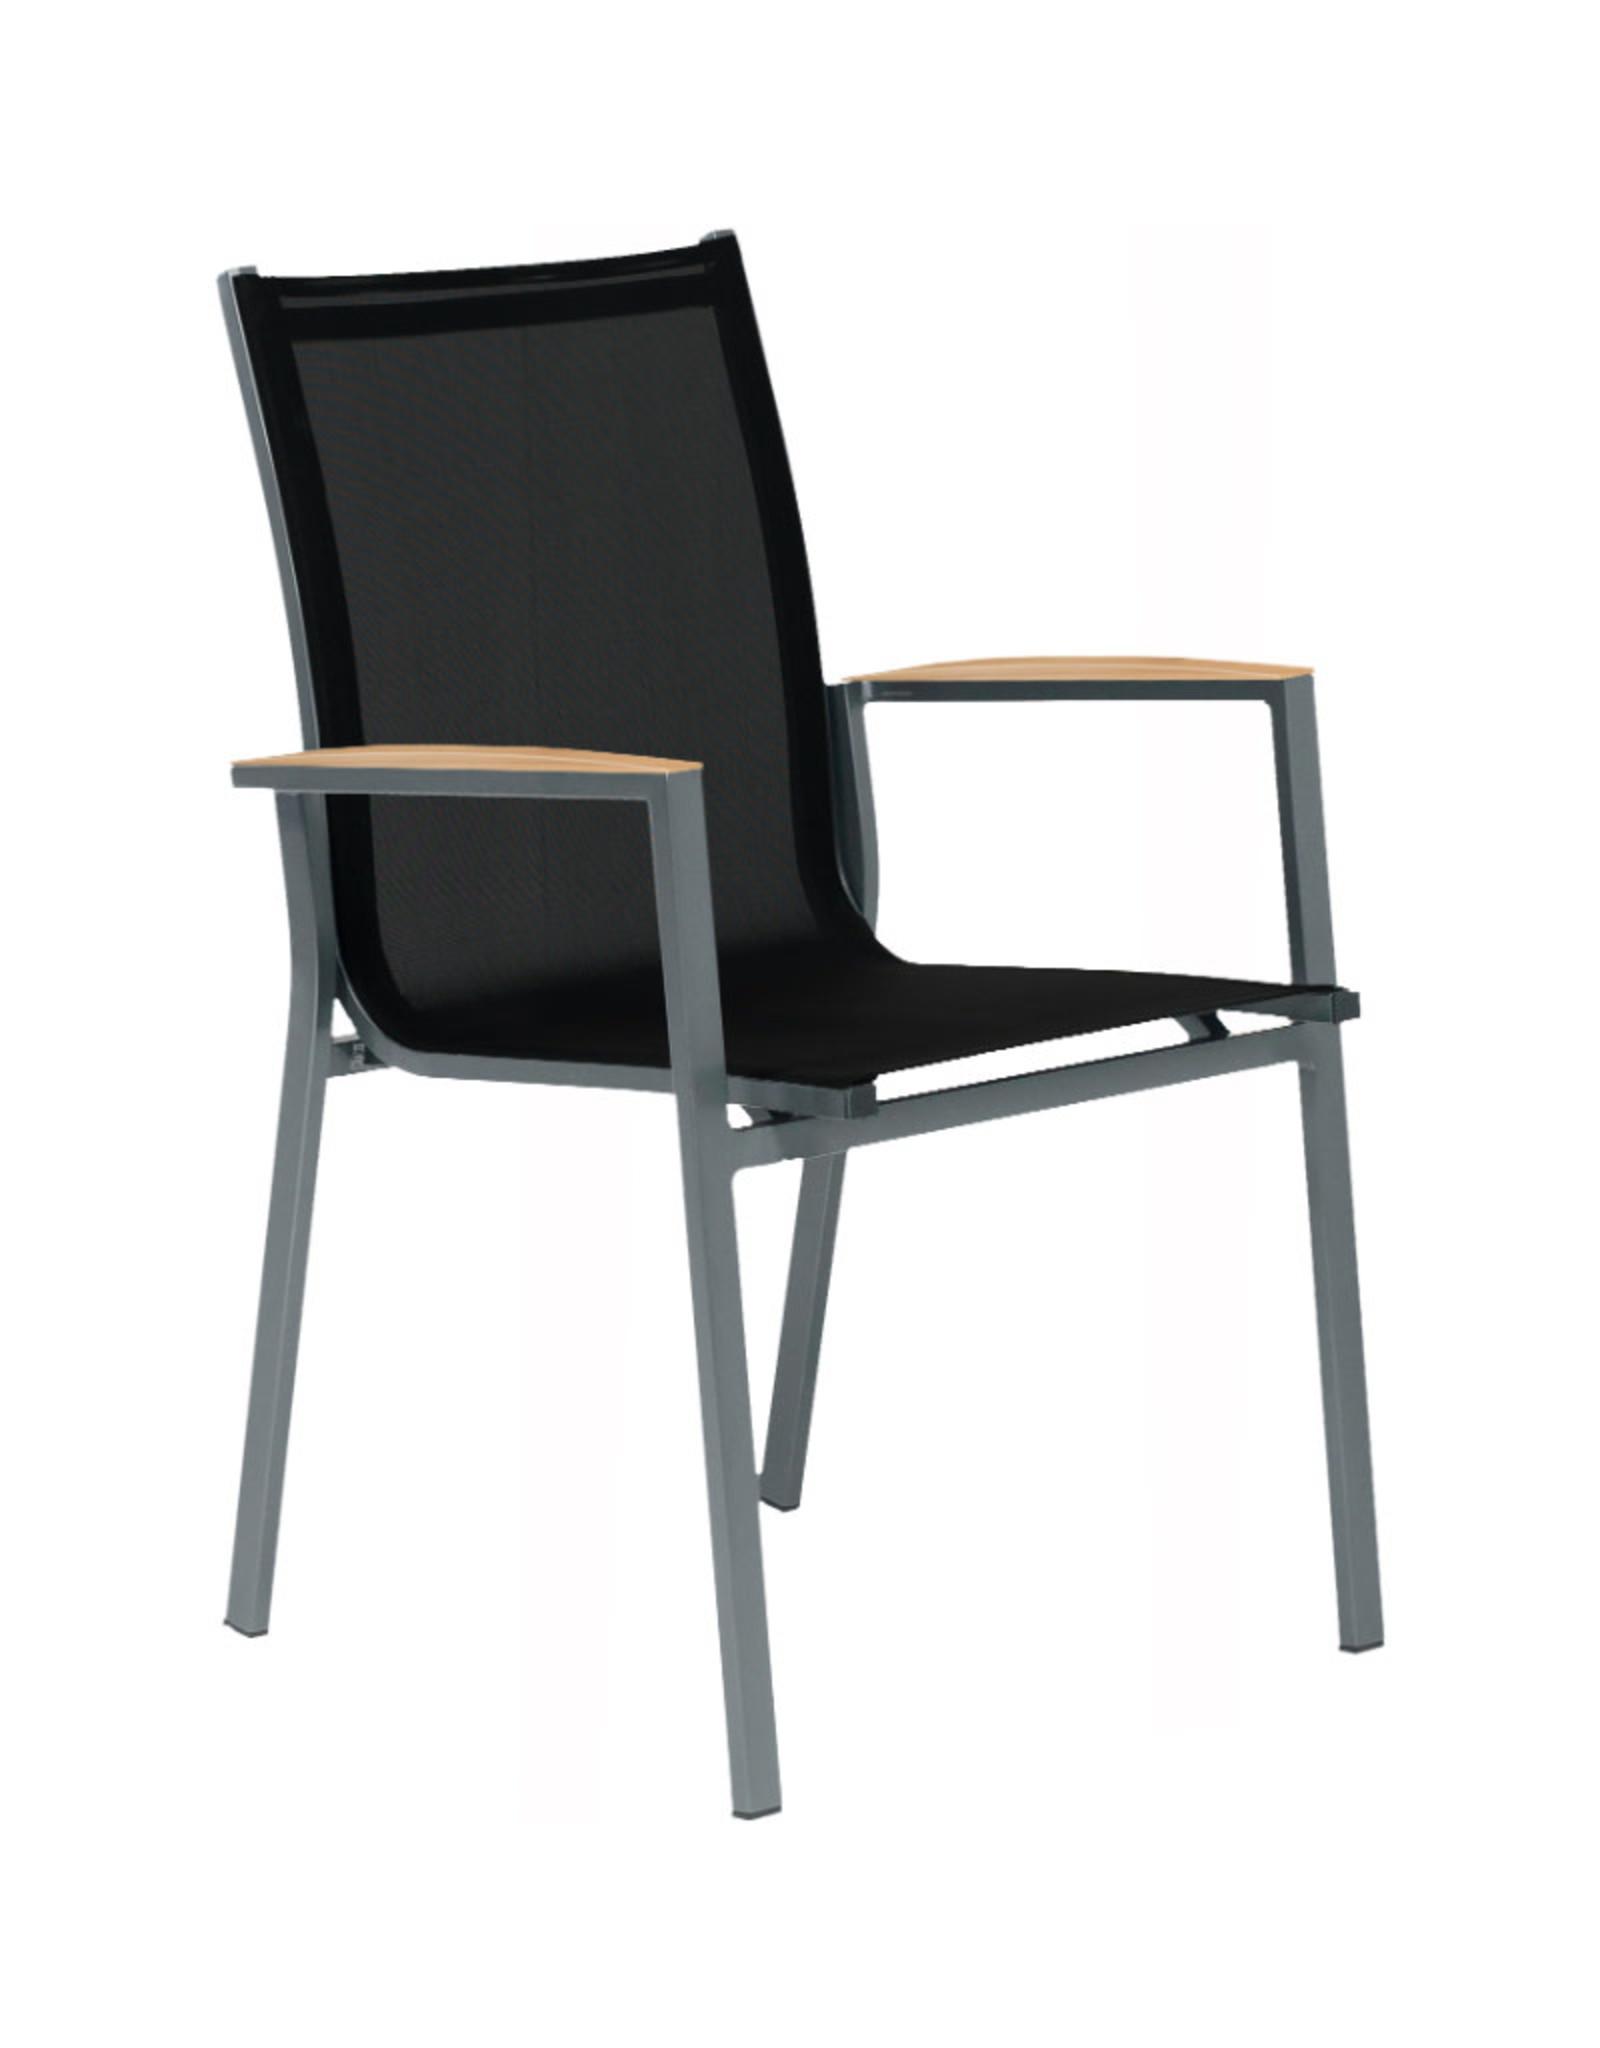 Tierra Outdoor Tierra Outdoor 5-delig set met foxx stoelen teak en tafel Omnigo 150cm rond GRIJS-TEAK